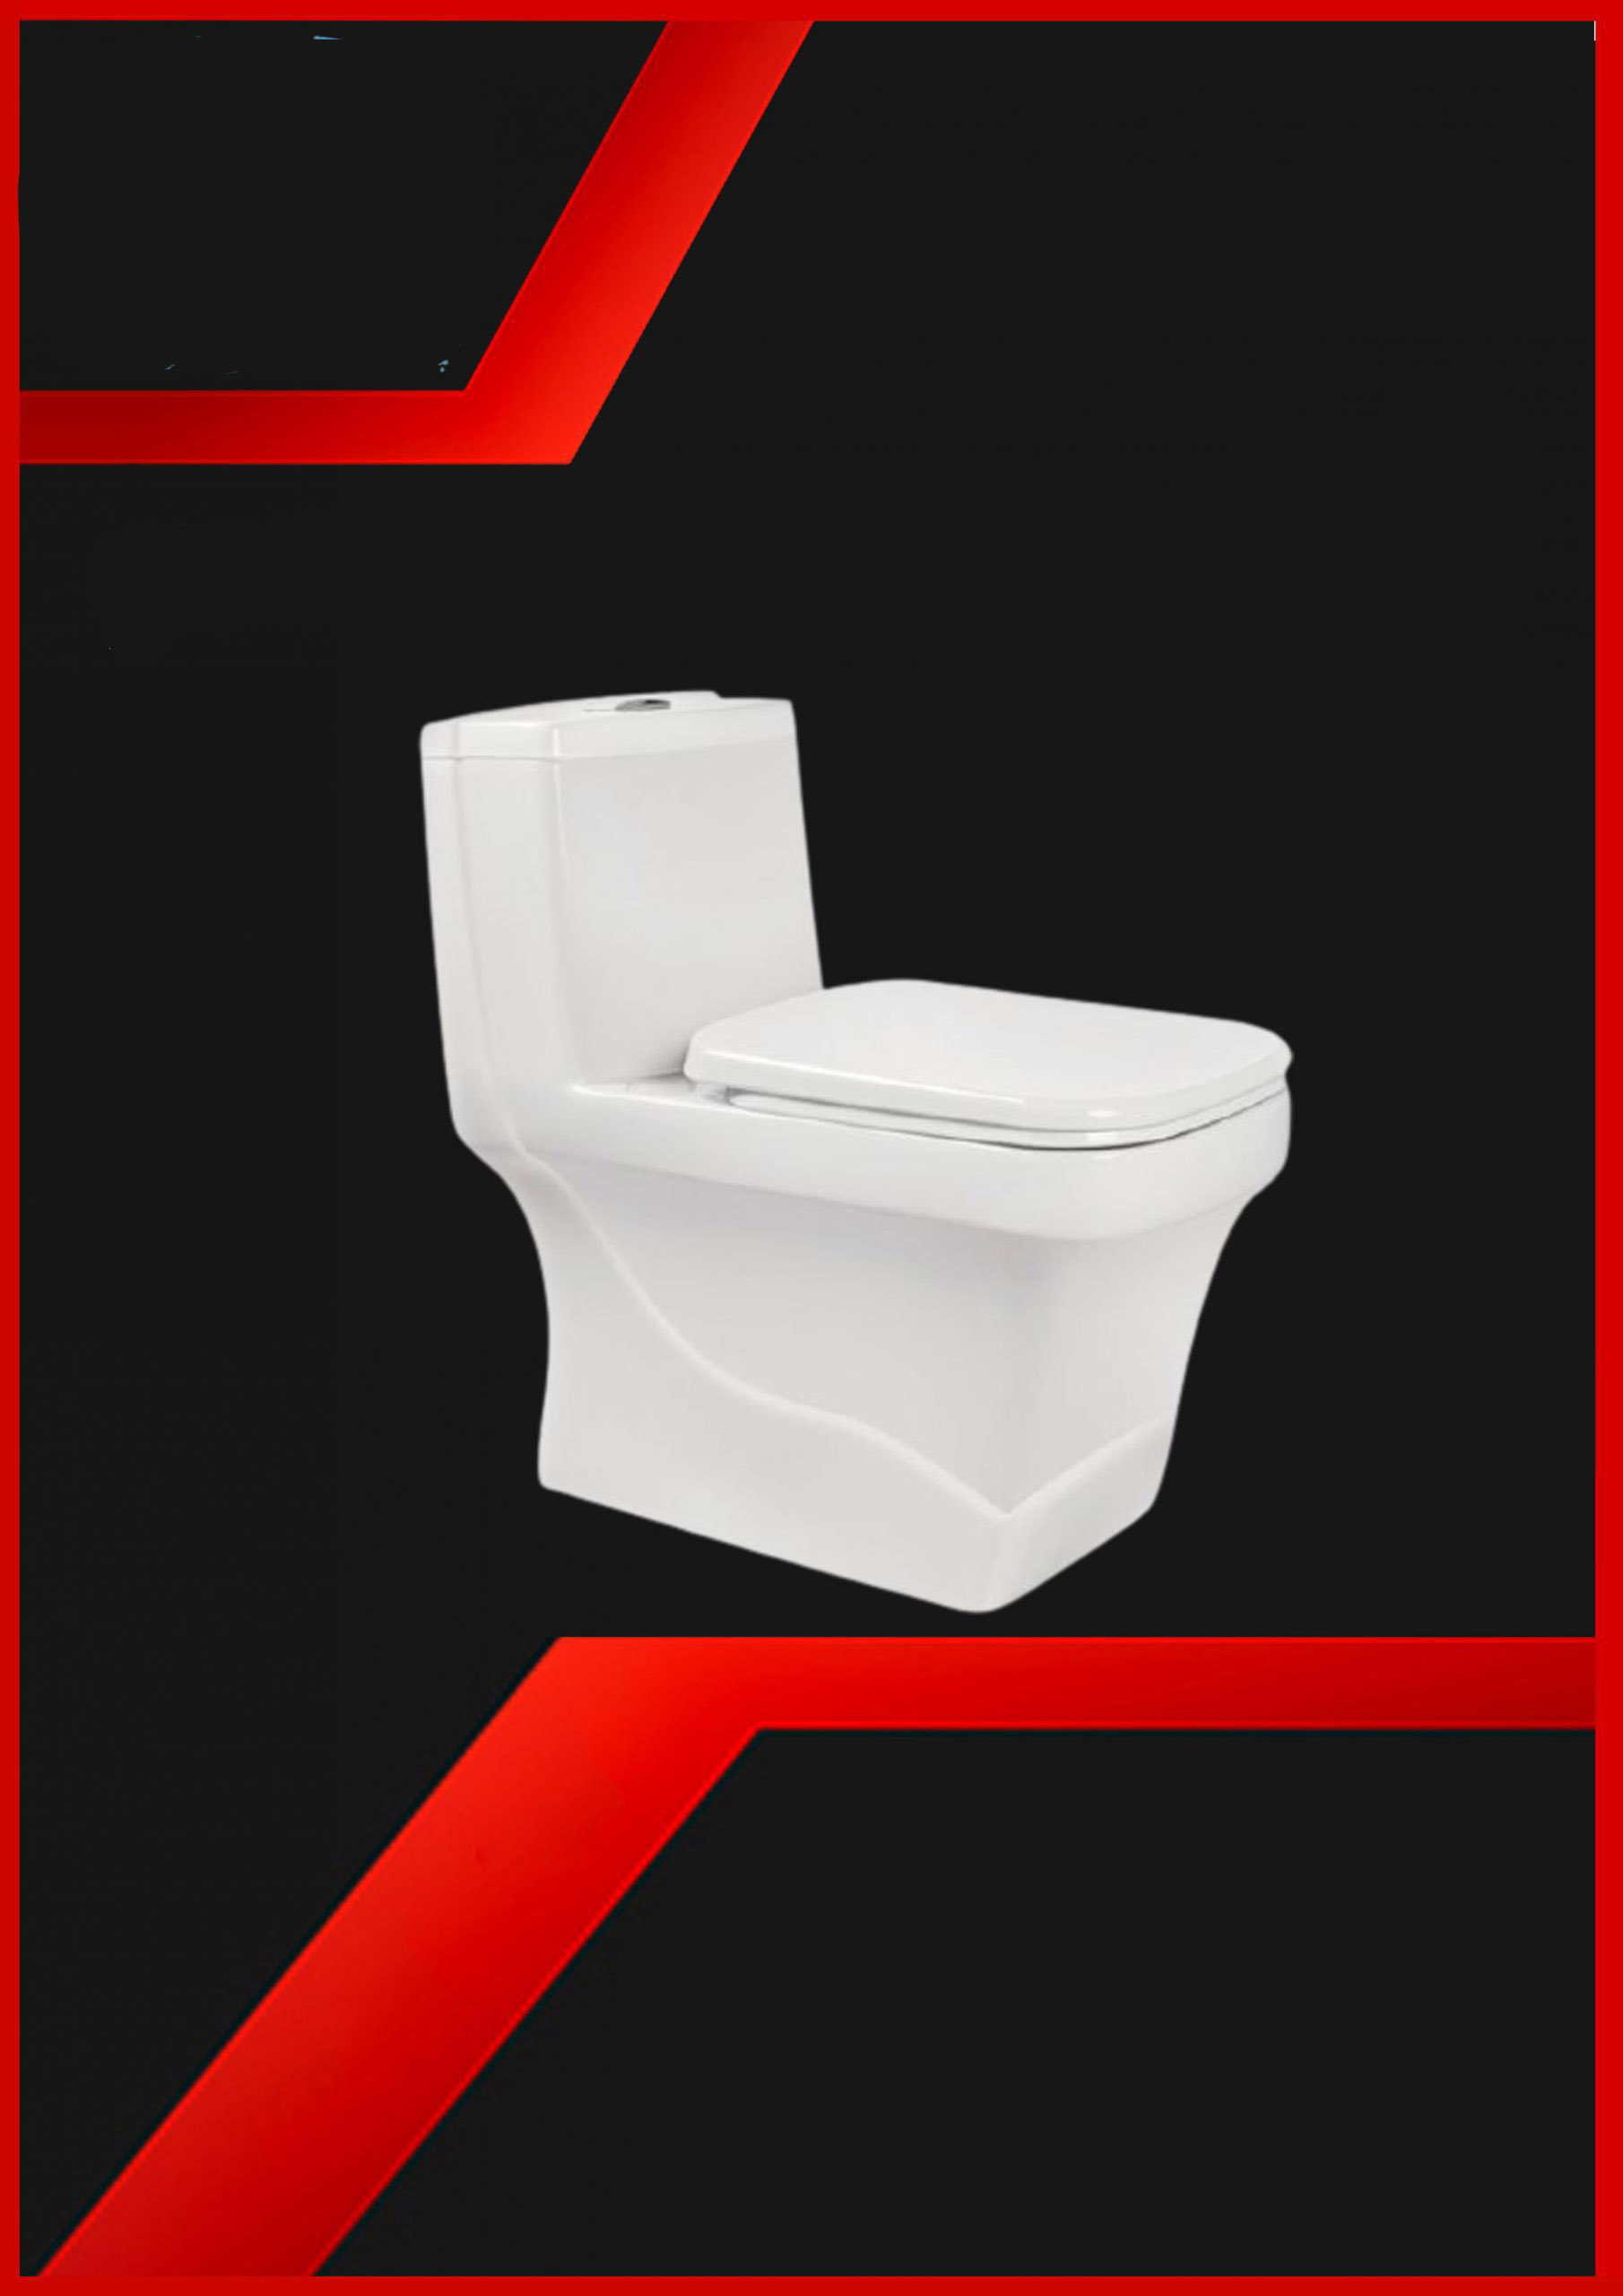 قیمت توالت فرنگی مروارید مدل کرون[جهان نما گستر]